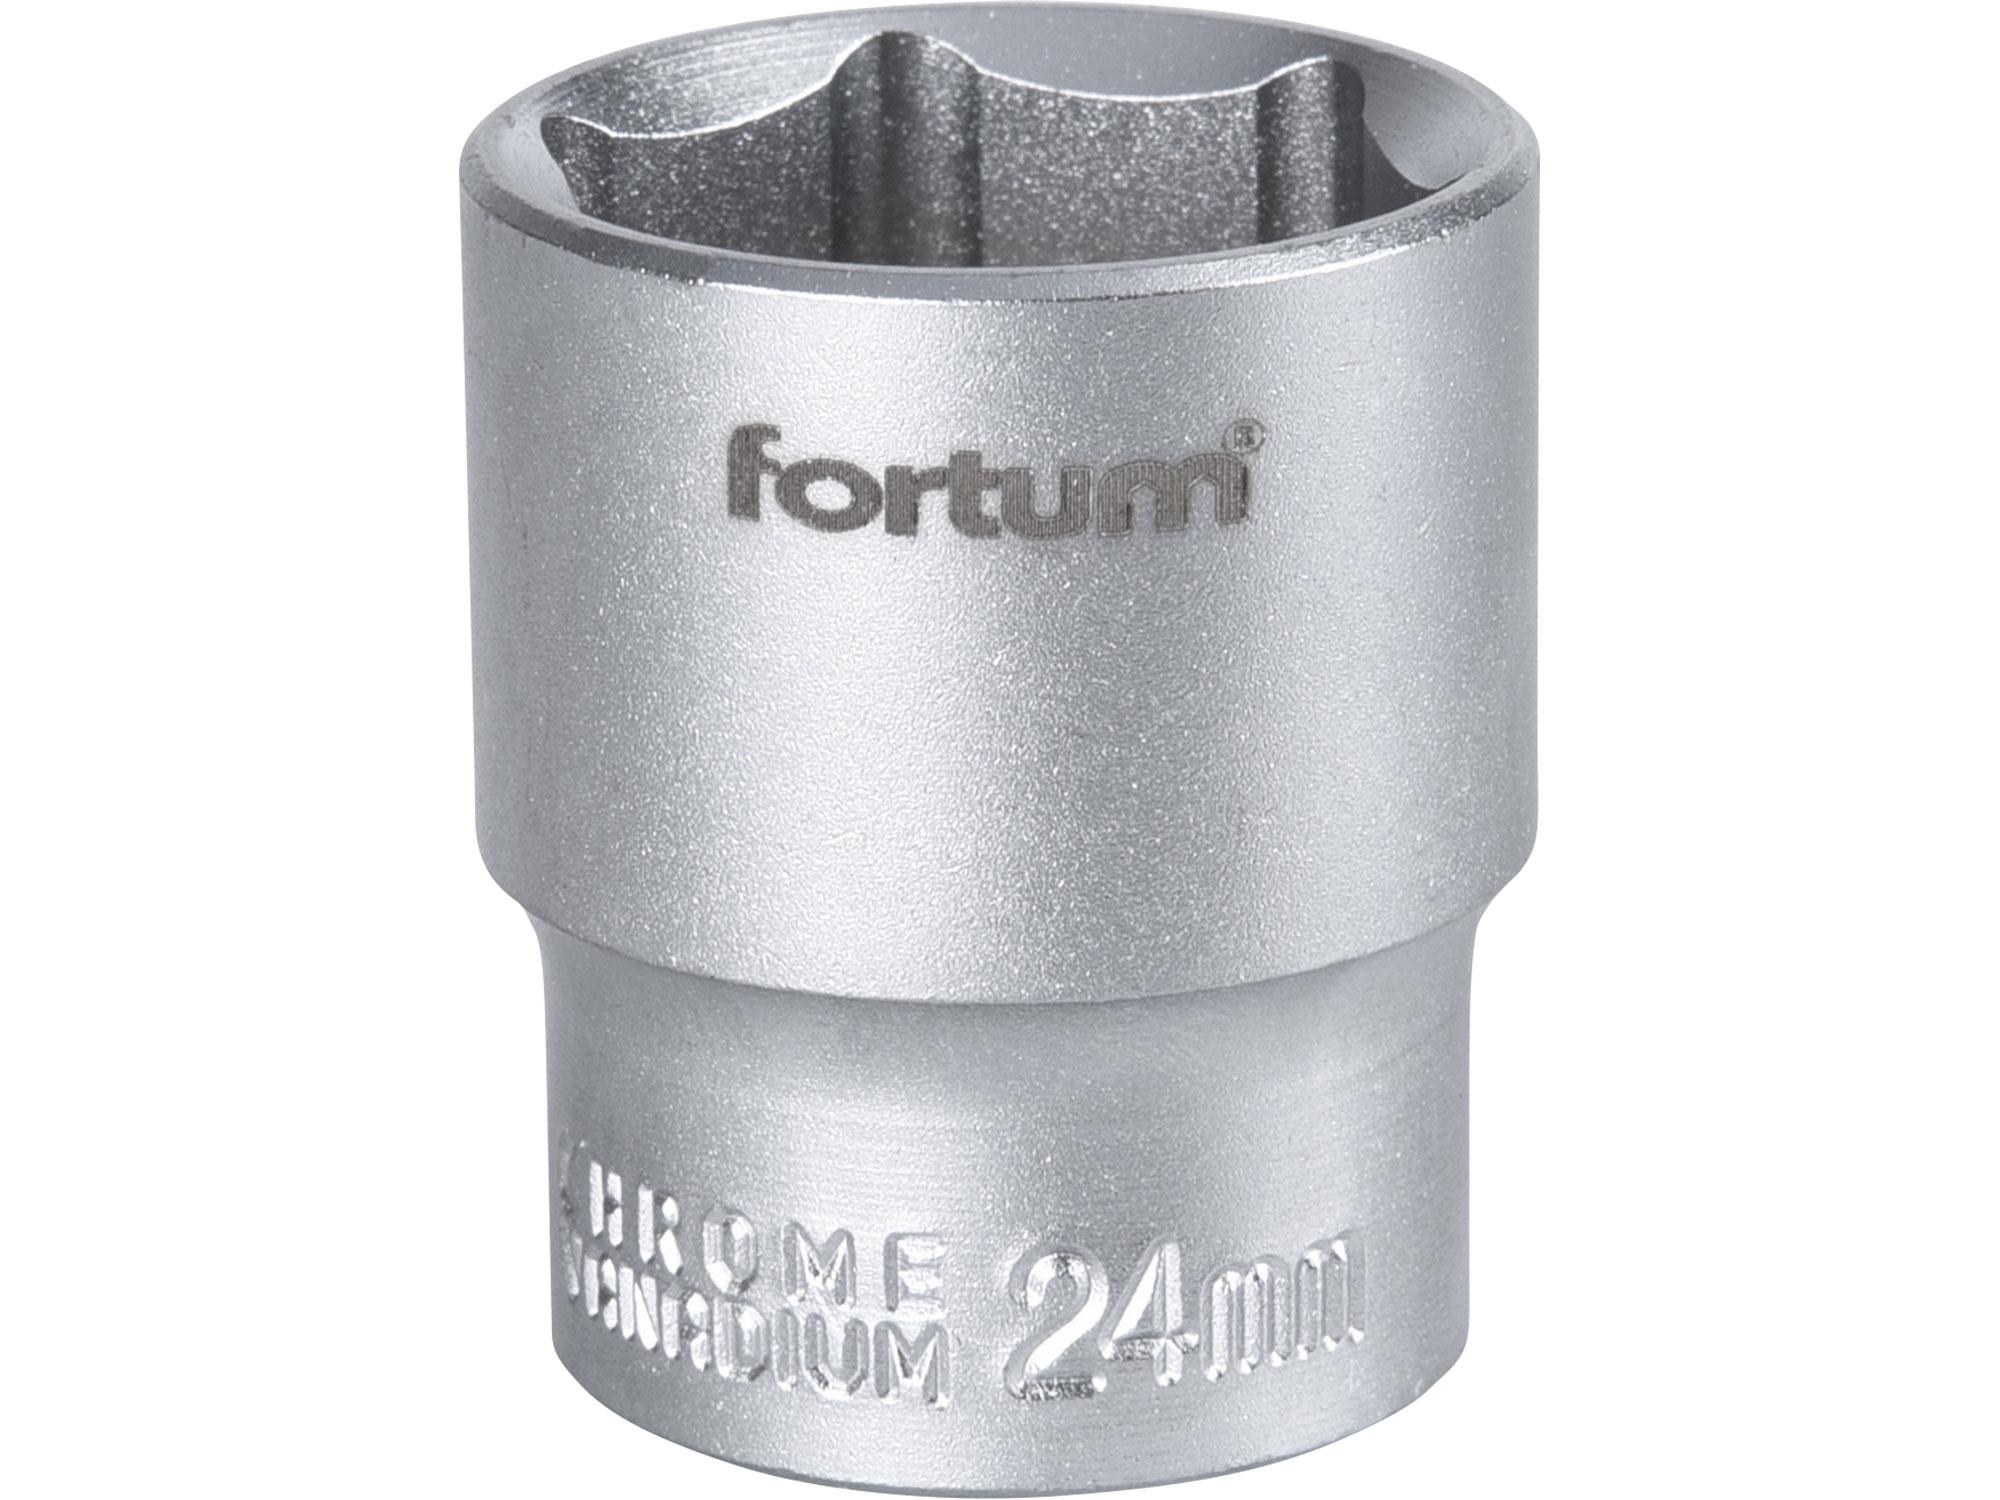 """hlavice nástrčná, 1/2"""", 24mm, L 38mm, FORTUM 4700424"""